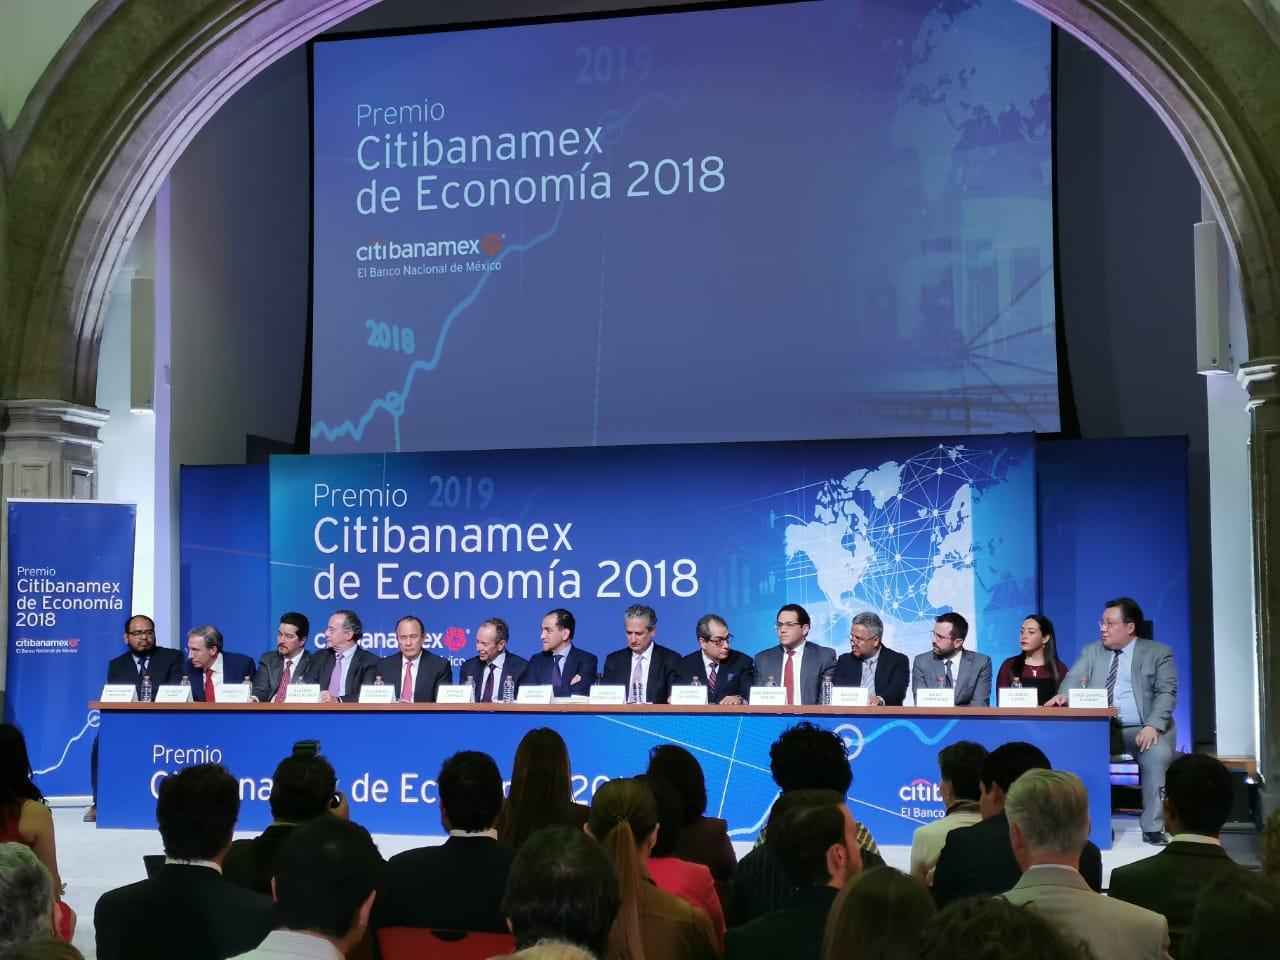 Citibanamex premia trabajo en el que se apoyó Arturo Herrera en reuniones del FMI y BM